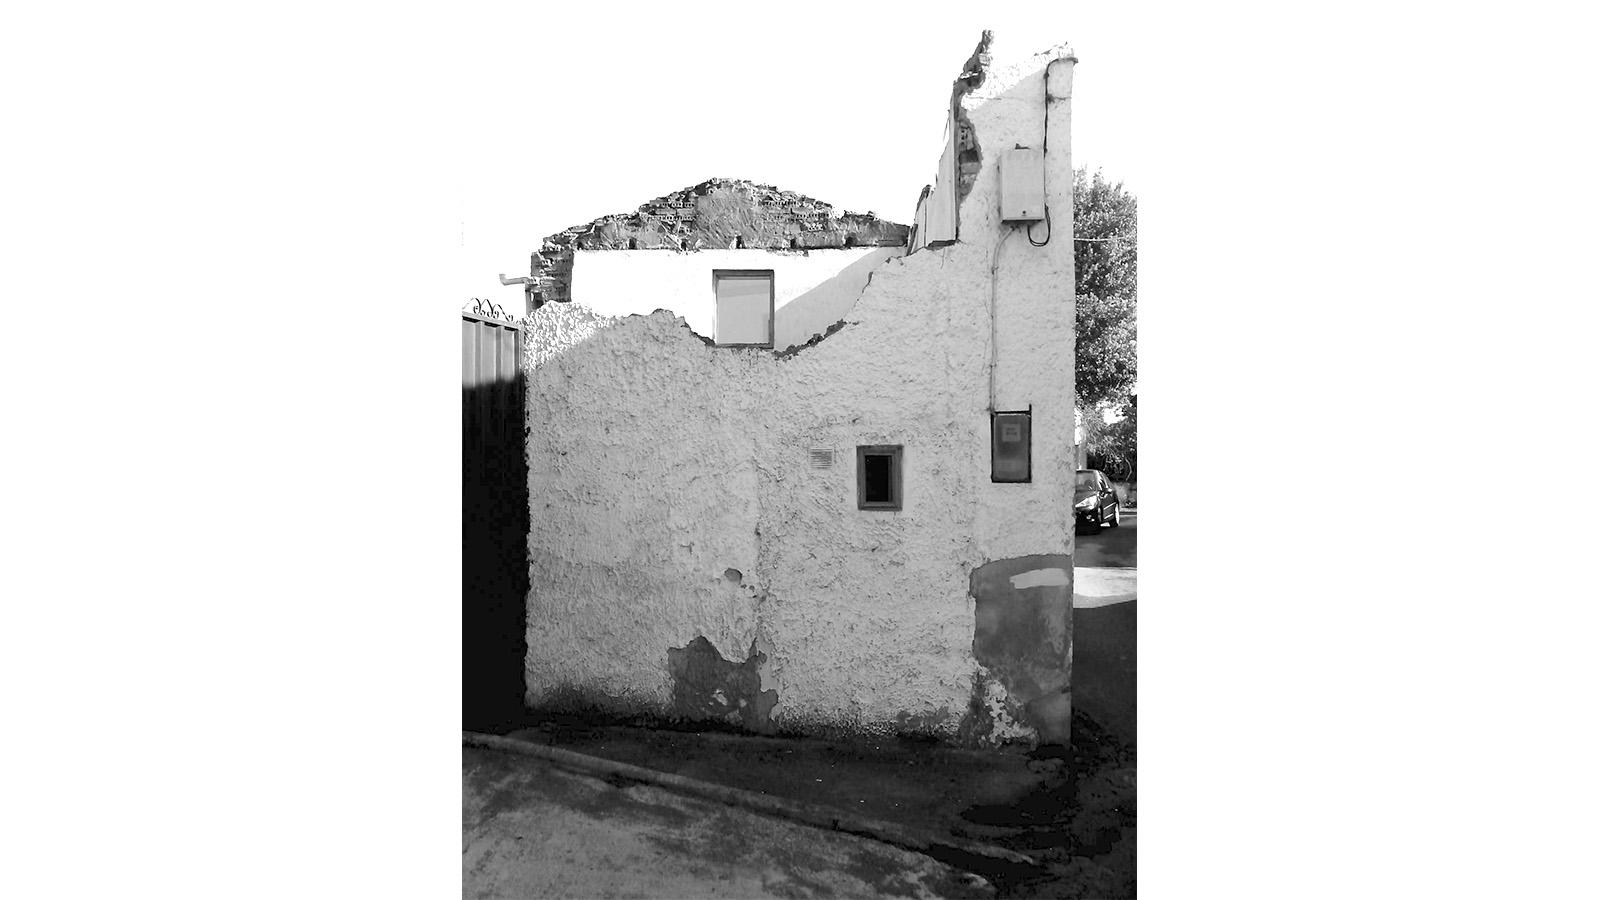 Vivienda Rural Langreo. Fotografía estado previo